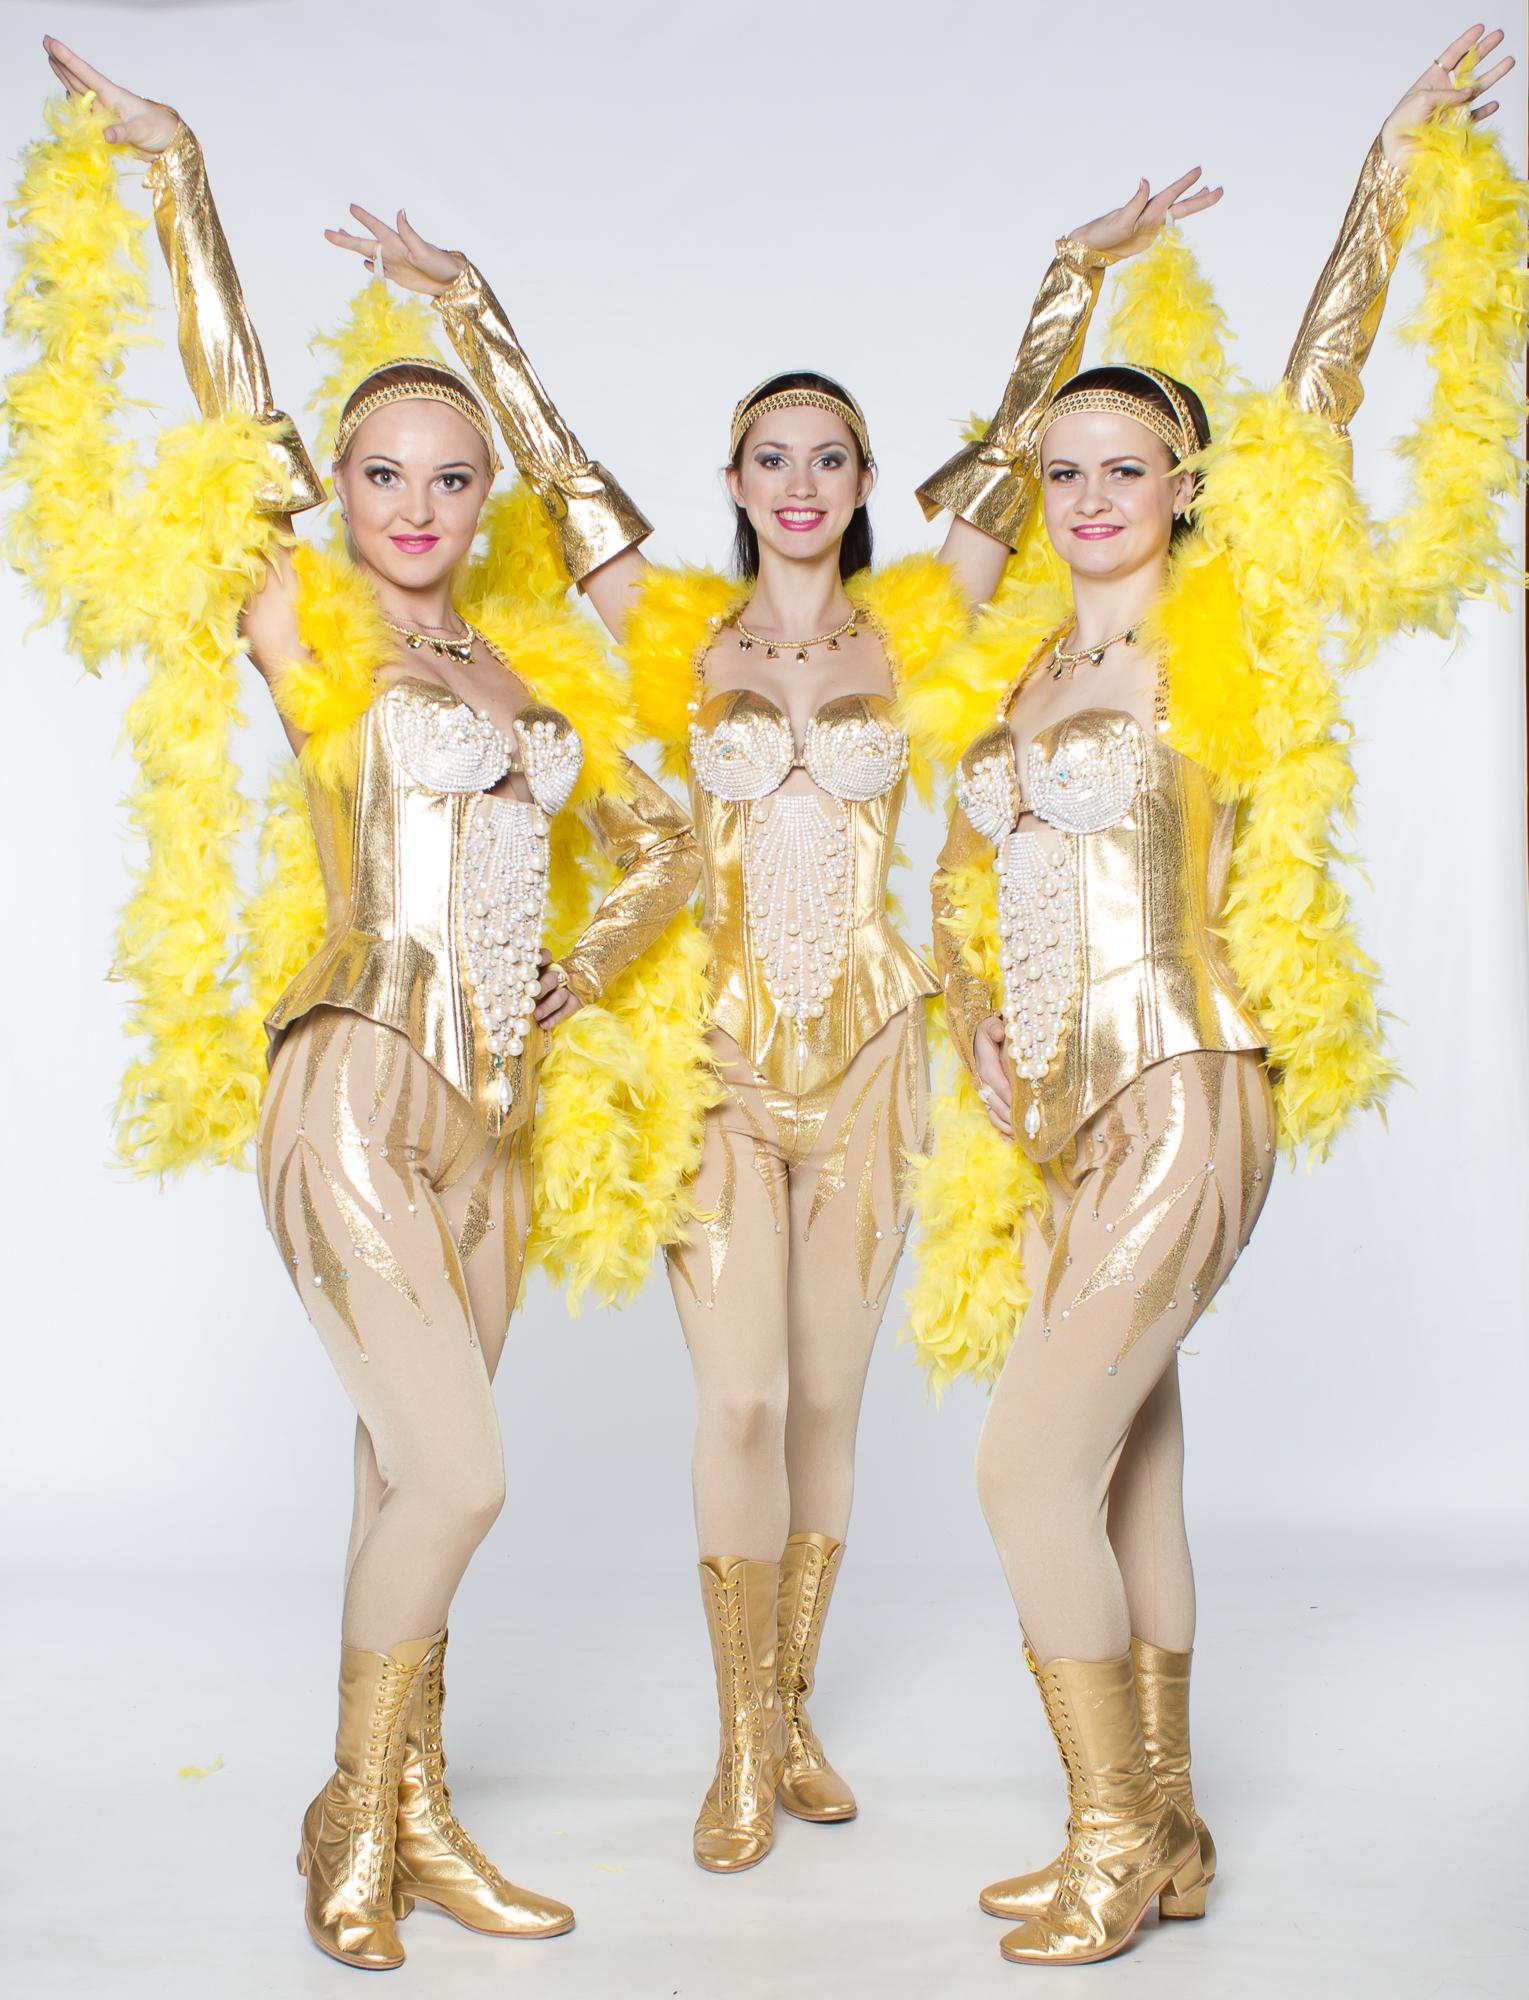 Шоу-балет Glamour в Самаре